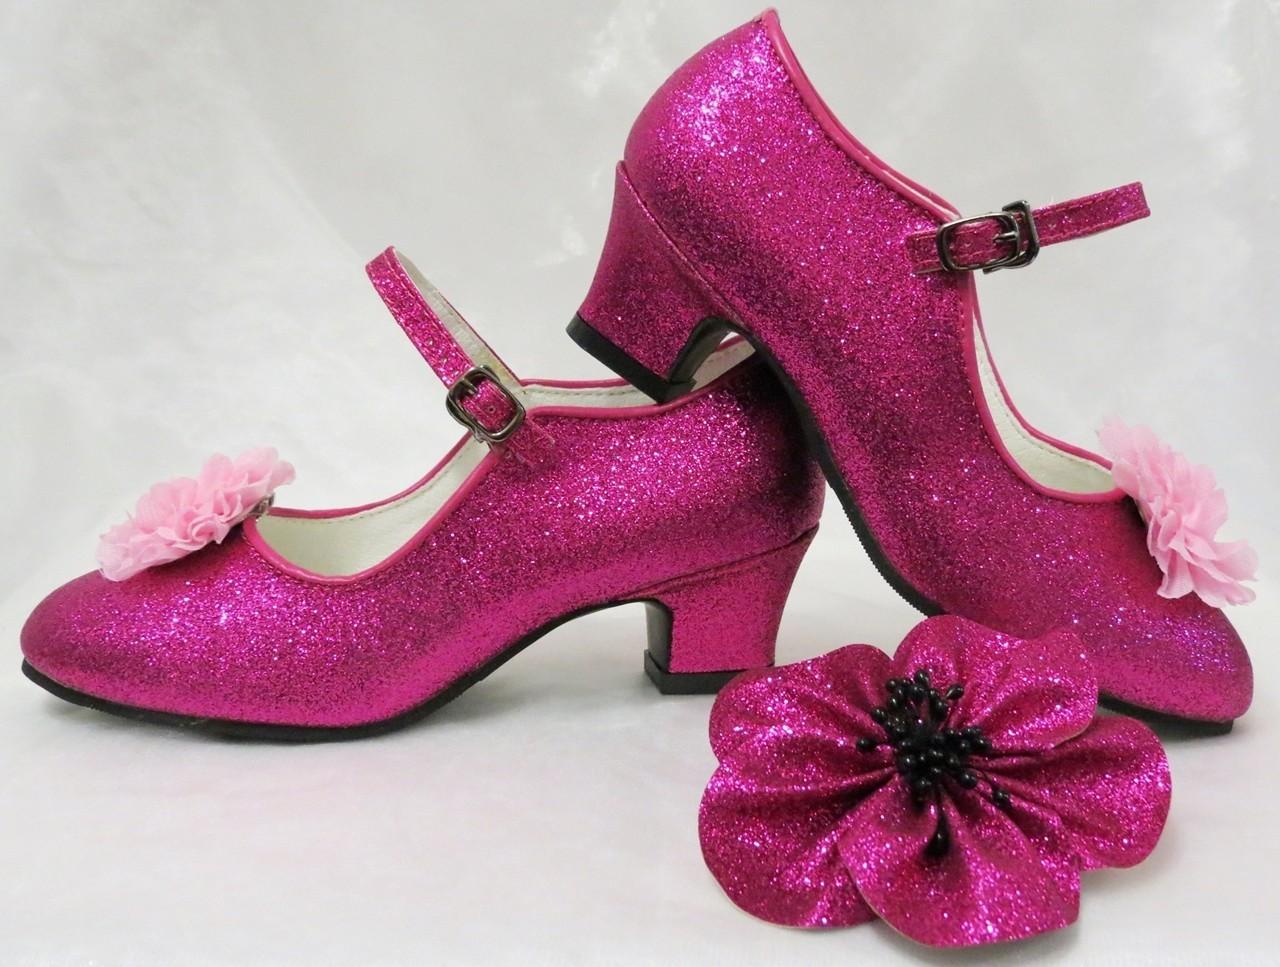 43a85db3b3ca48 De Mooiste Spaanse Flamenco Schoenen! Spaanse Flamenco Schoentjes met  Klik-Gesp en BloemBroche.